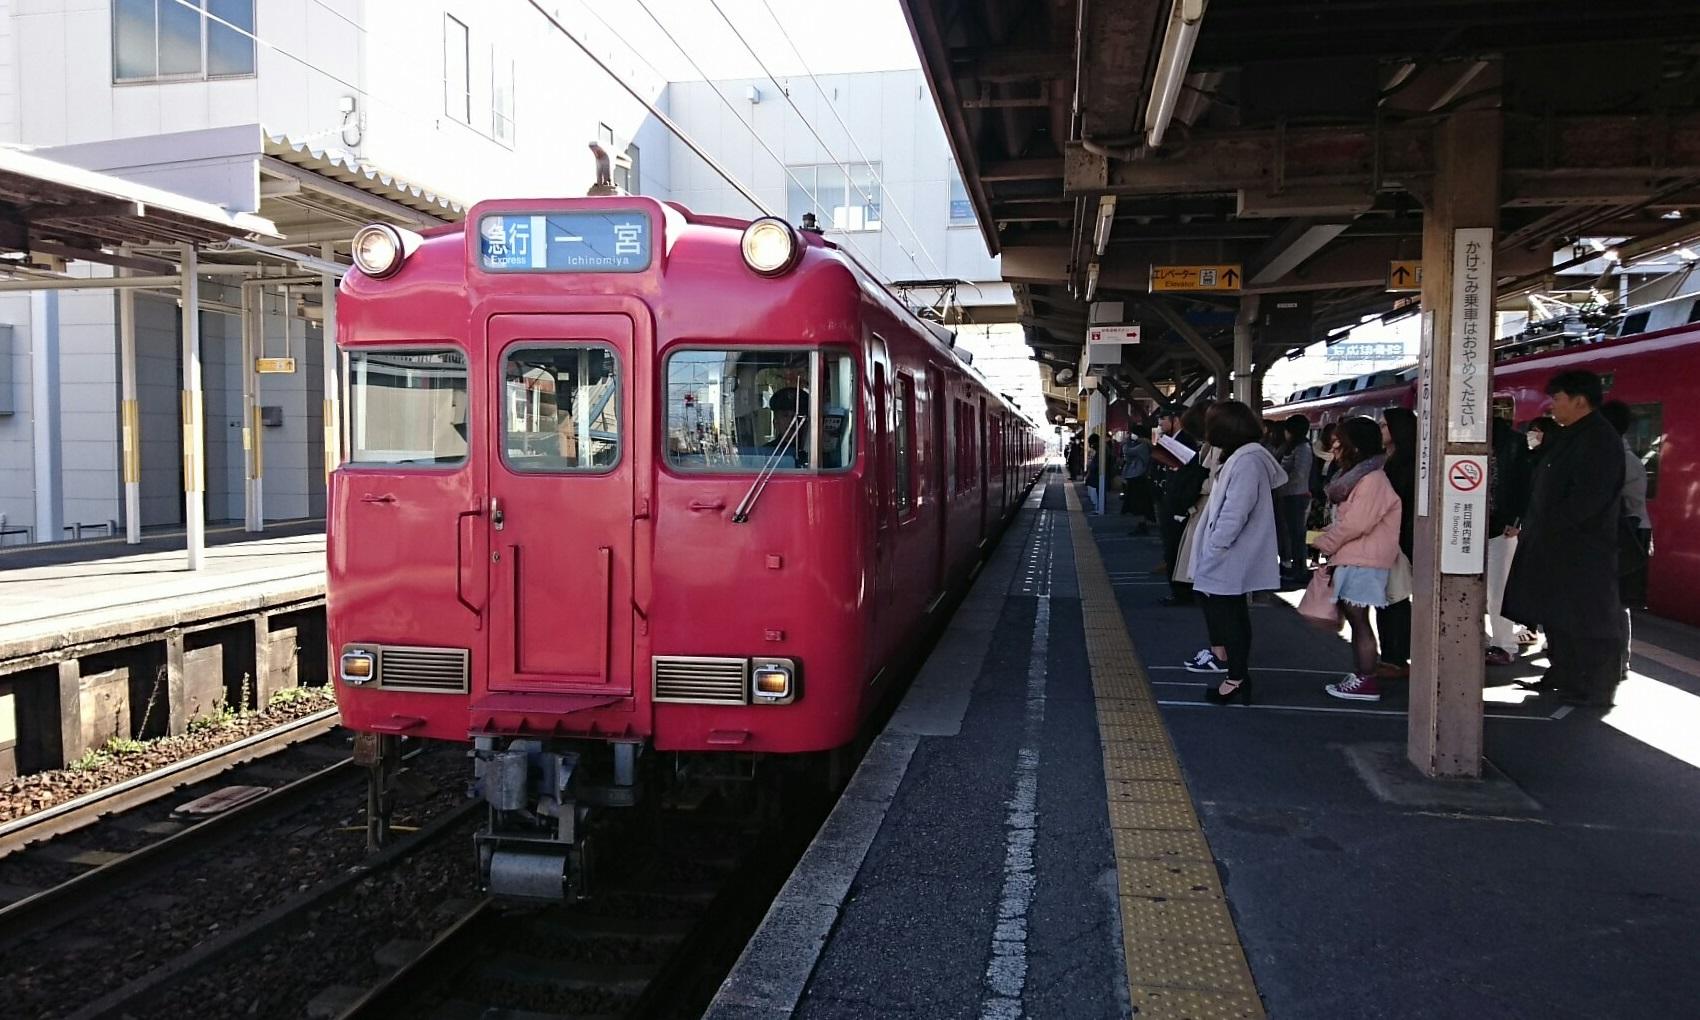 2017.2.2 名鉄 (10) しんあんじょう - 一宮いき急行 1700-1020